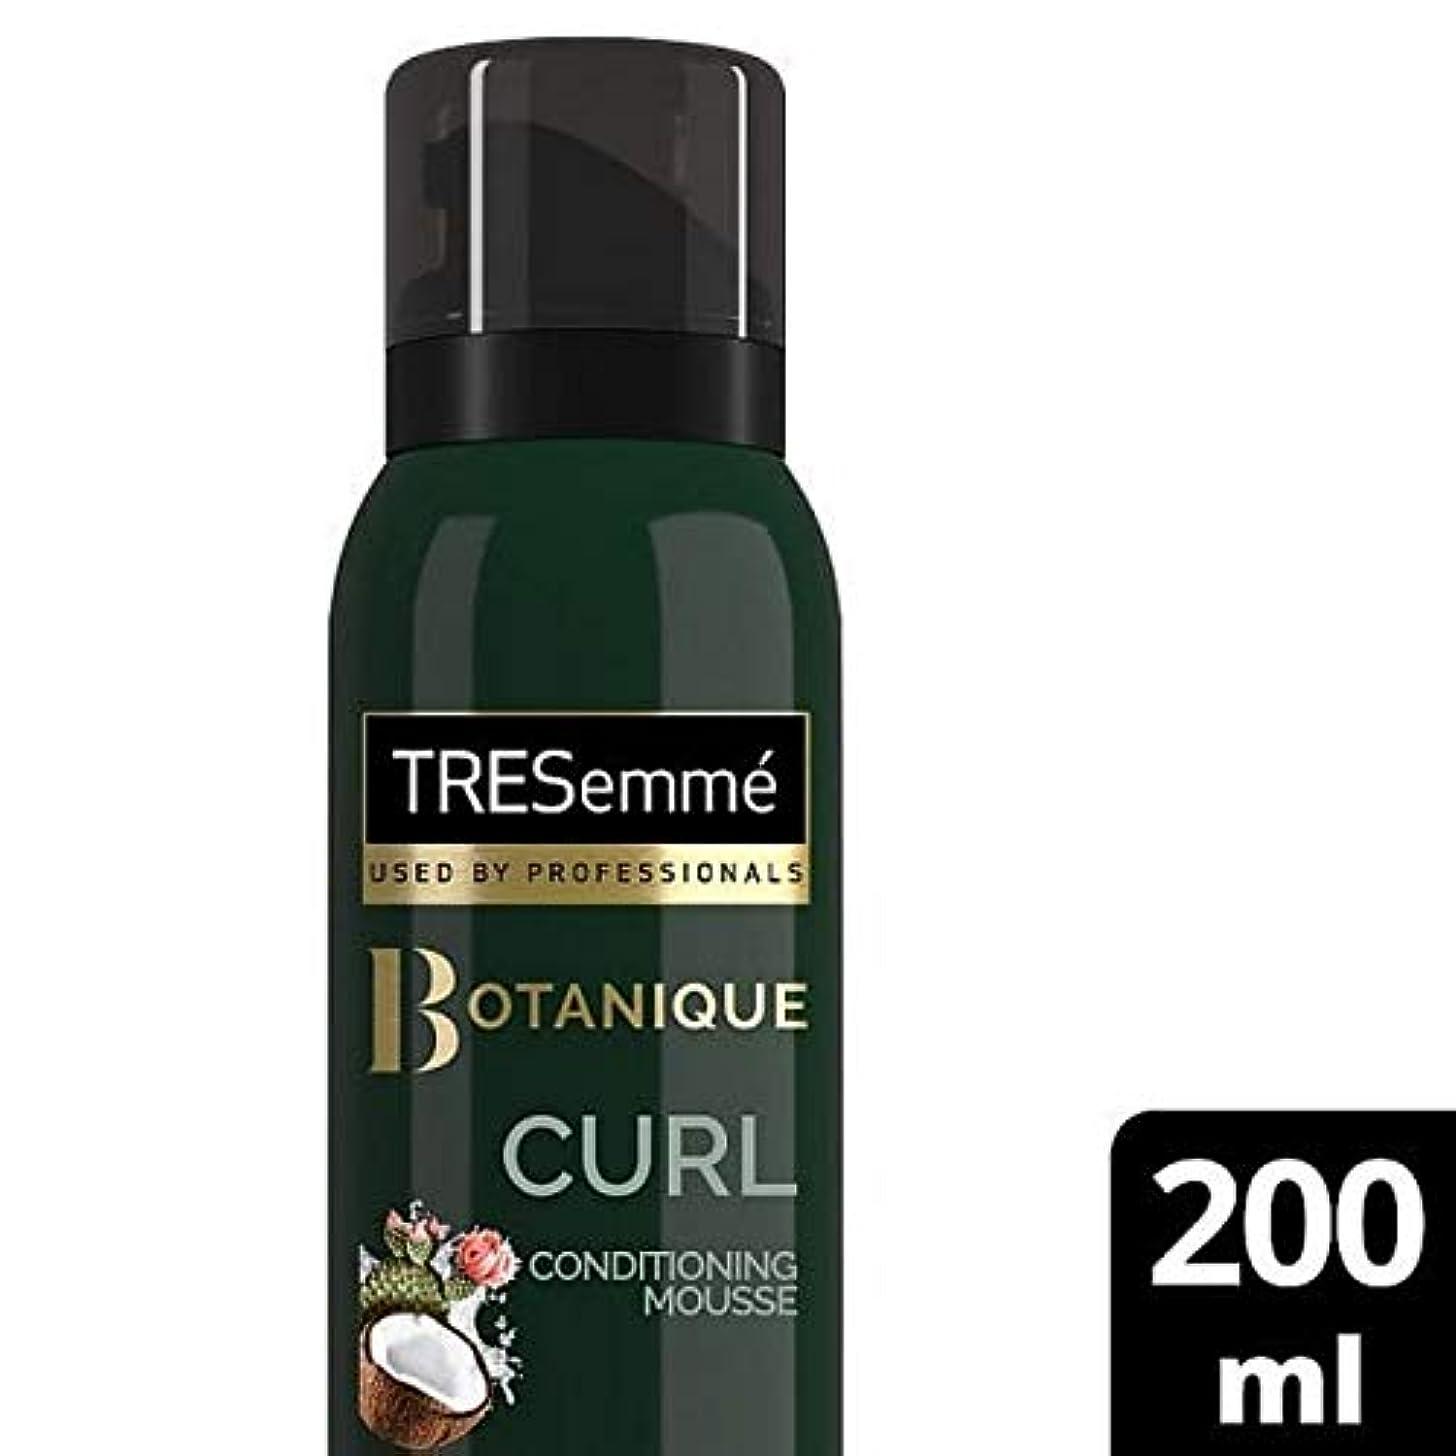 指定くそー麻酔薬[Tresemme] Tresemmeカールコンディショニングムース20ミリリットル - TRESemme Curl Conditioning Mousse 20ml [並行輸入品]